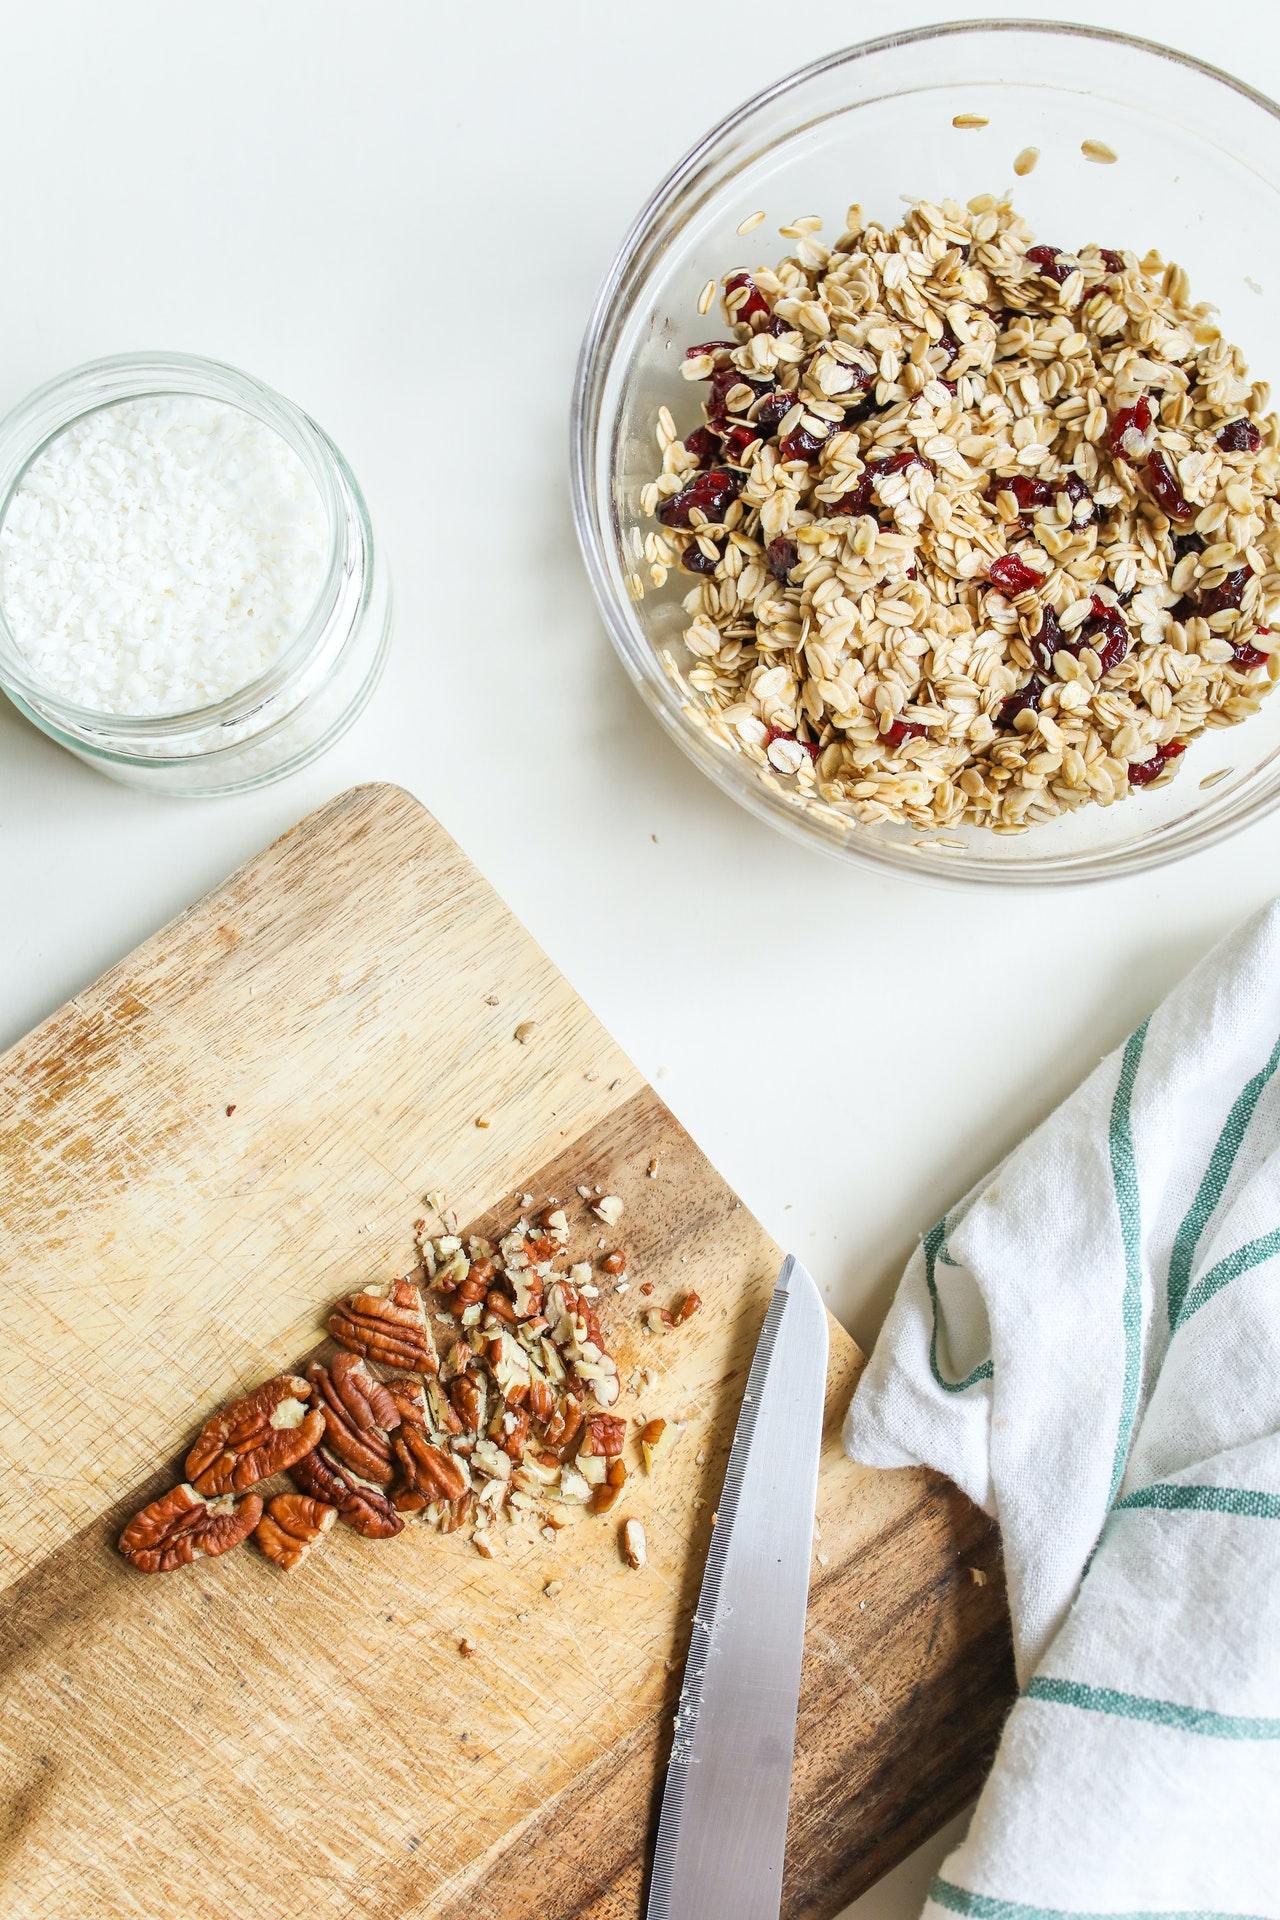 Ballaststoffe, MS Ernährung, Darmgesundheit, gesunde Ernährung, Vollwert Ernährung